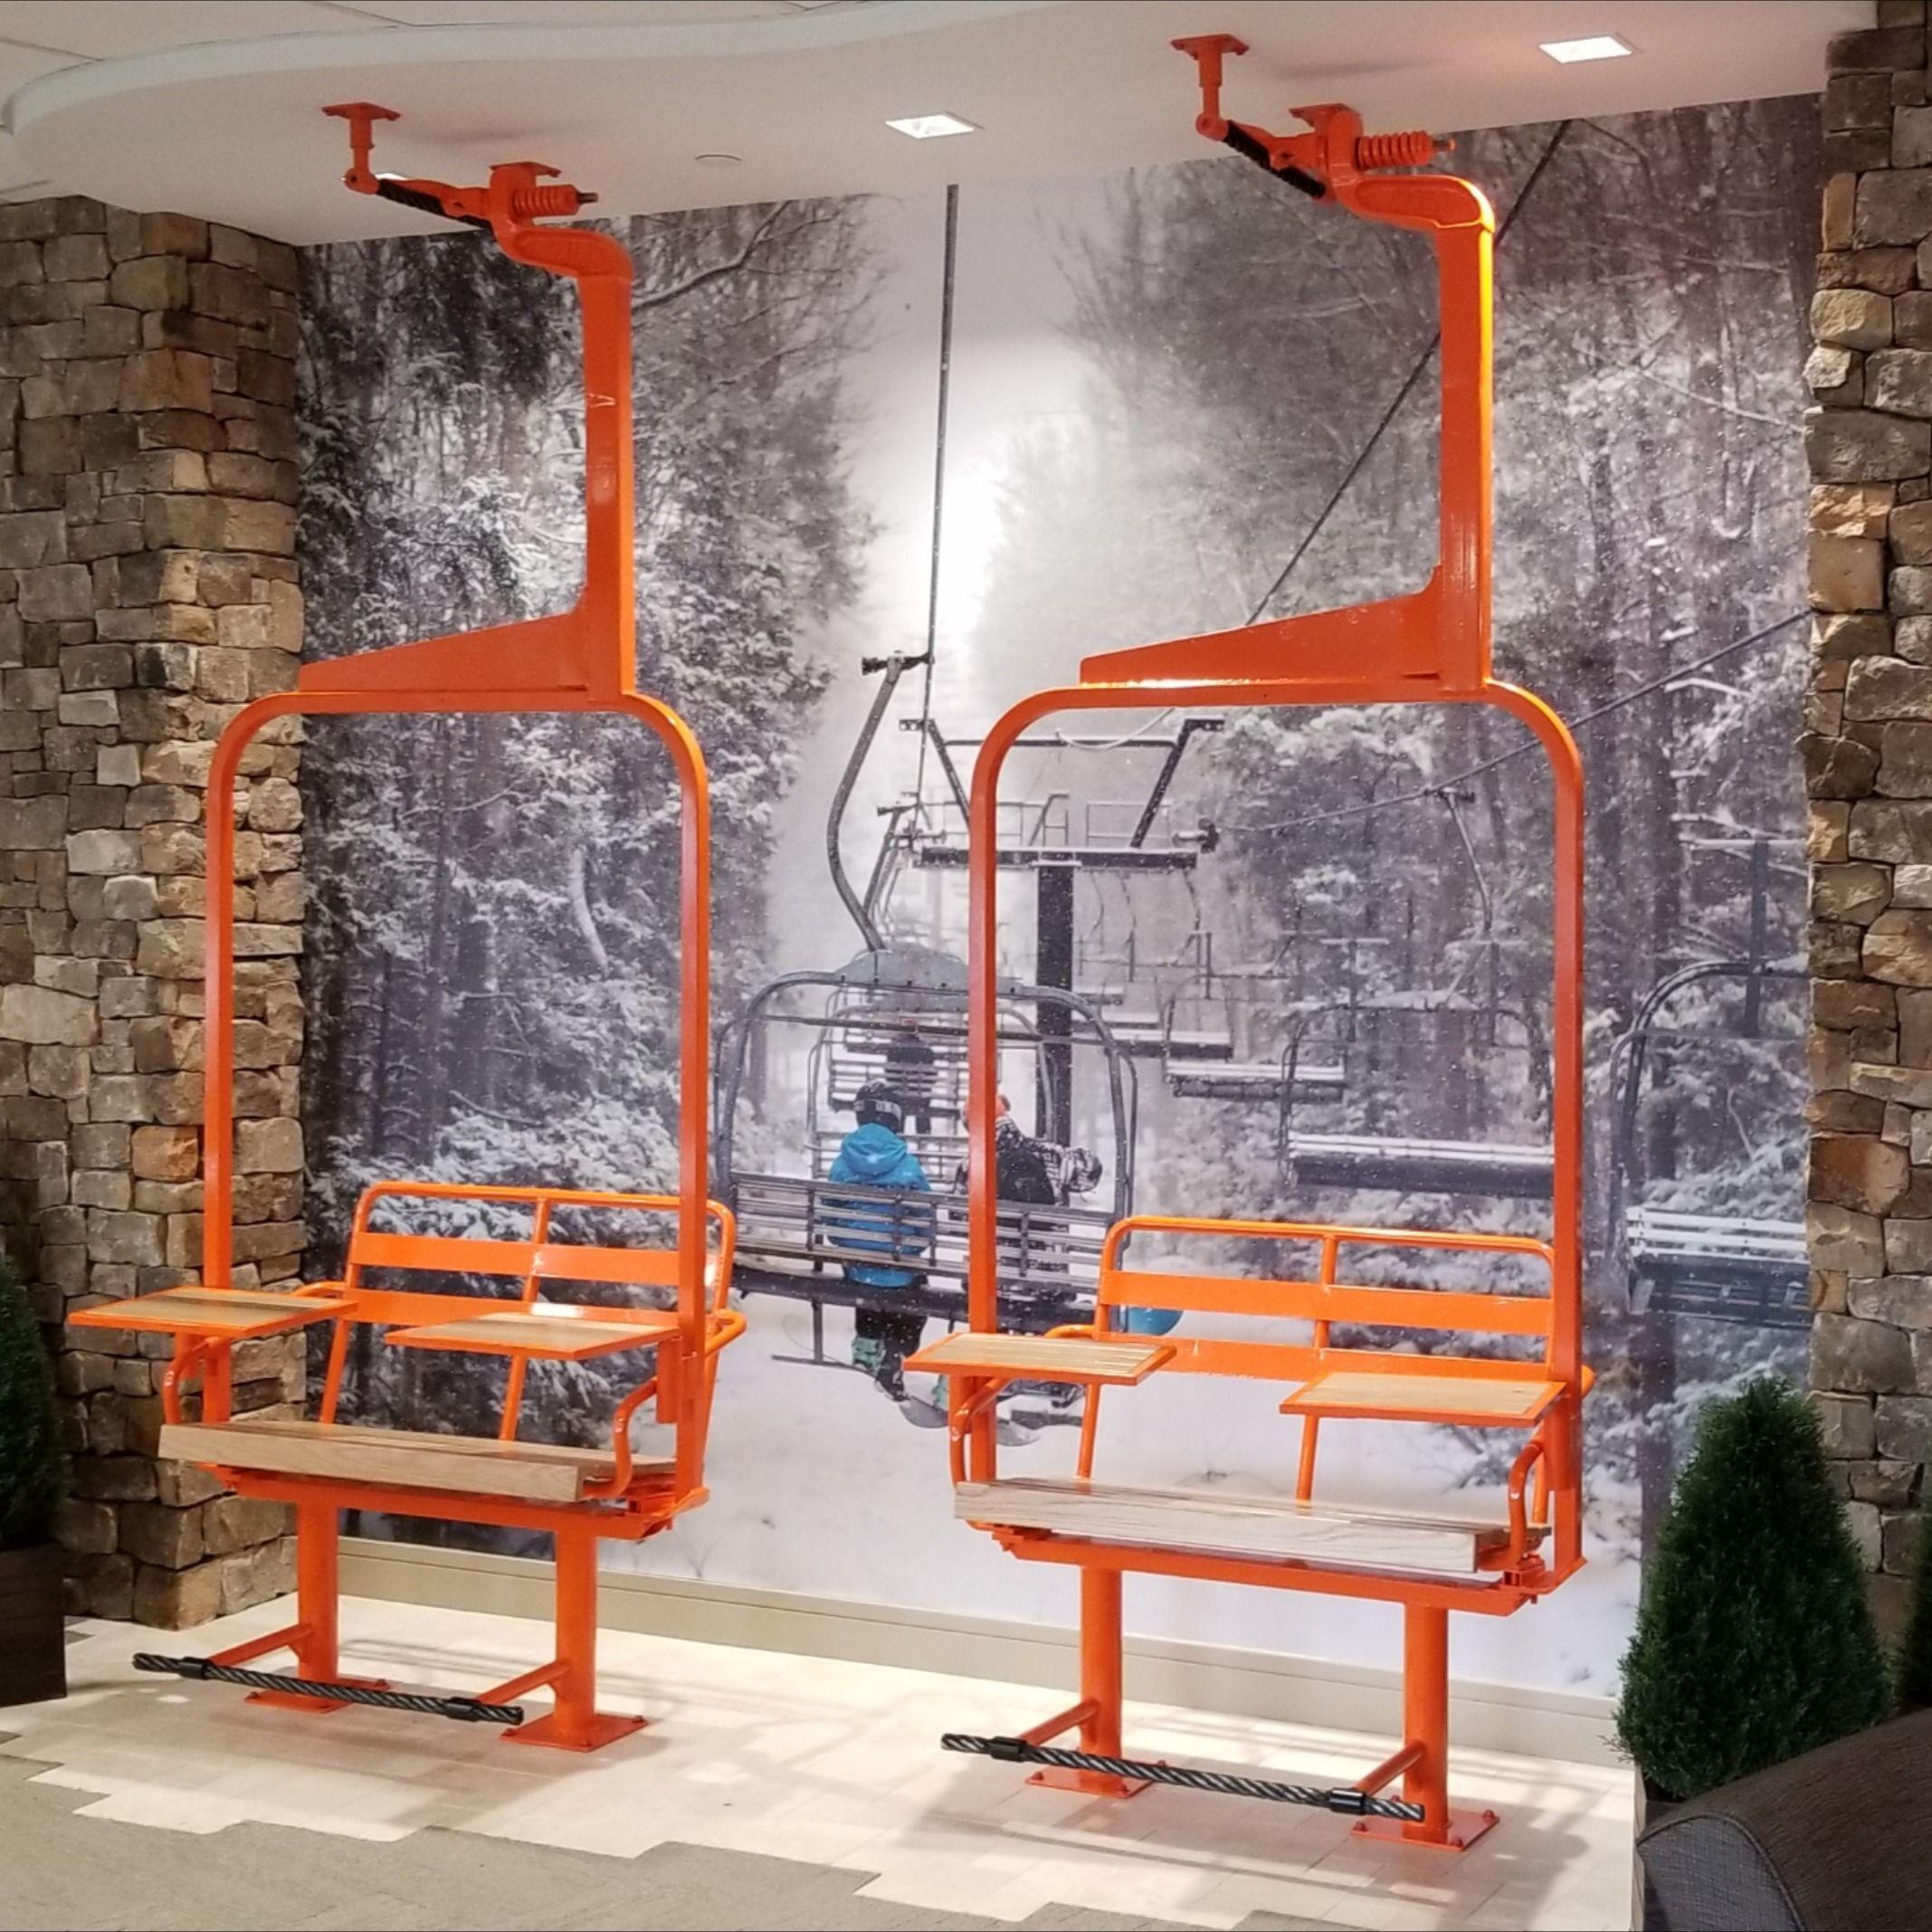 Ski Chairlift Co Working In 2020 Ski House Decor Ski Lift Chair Ski Lodge Decor